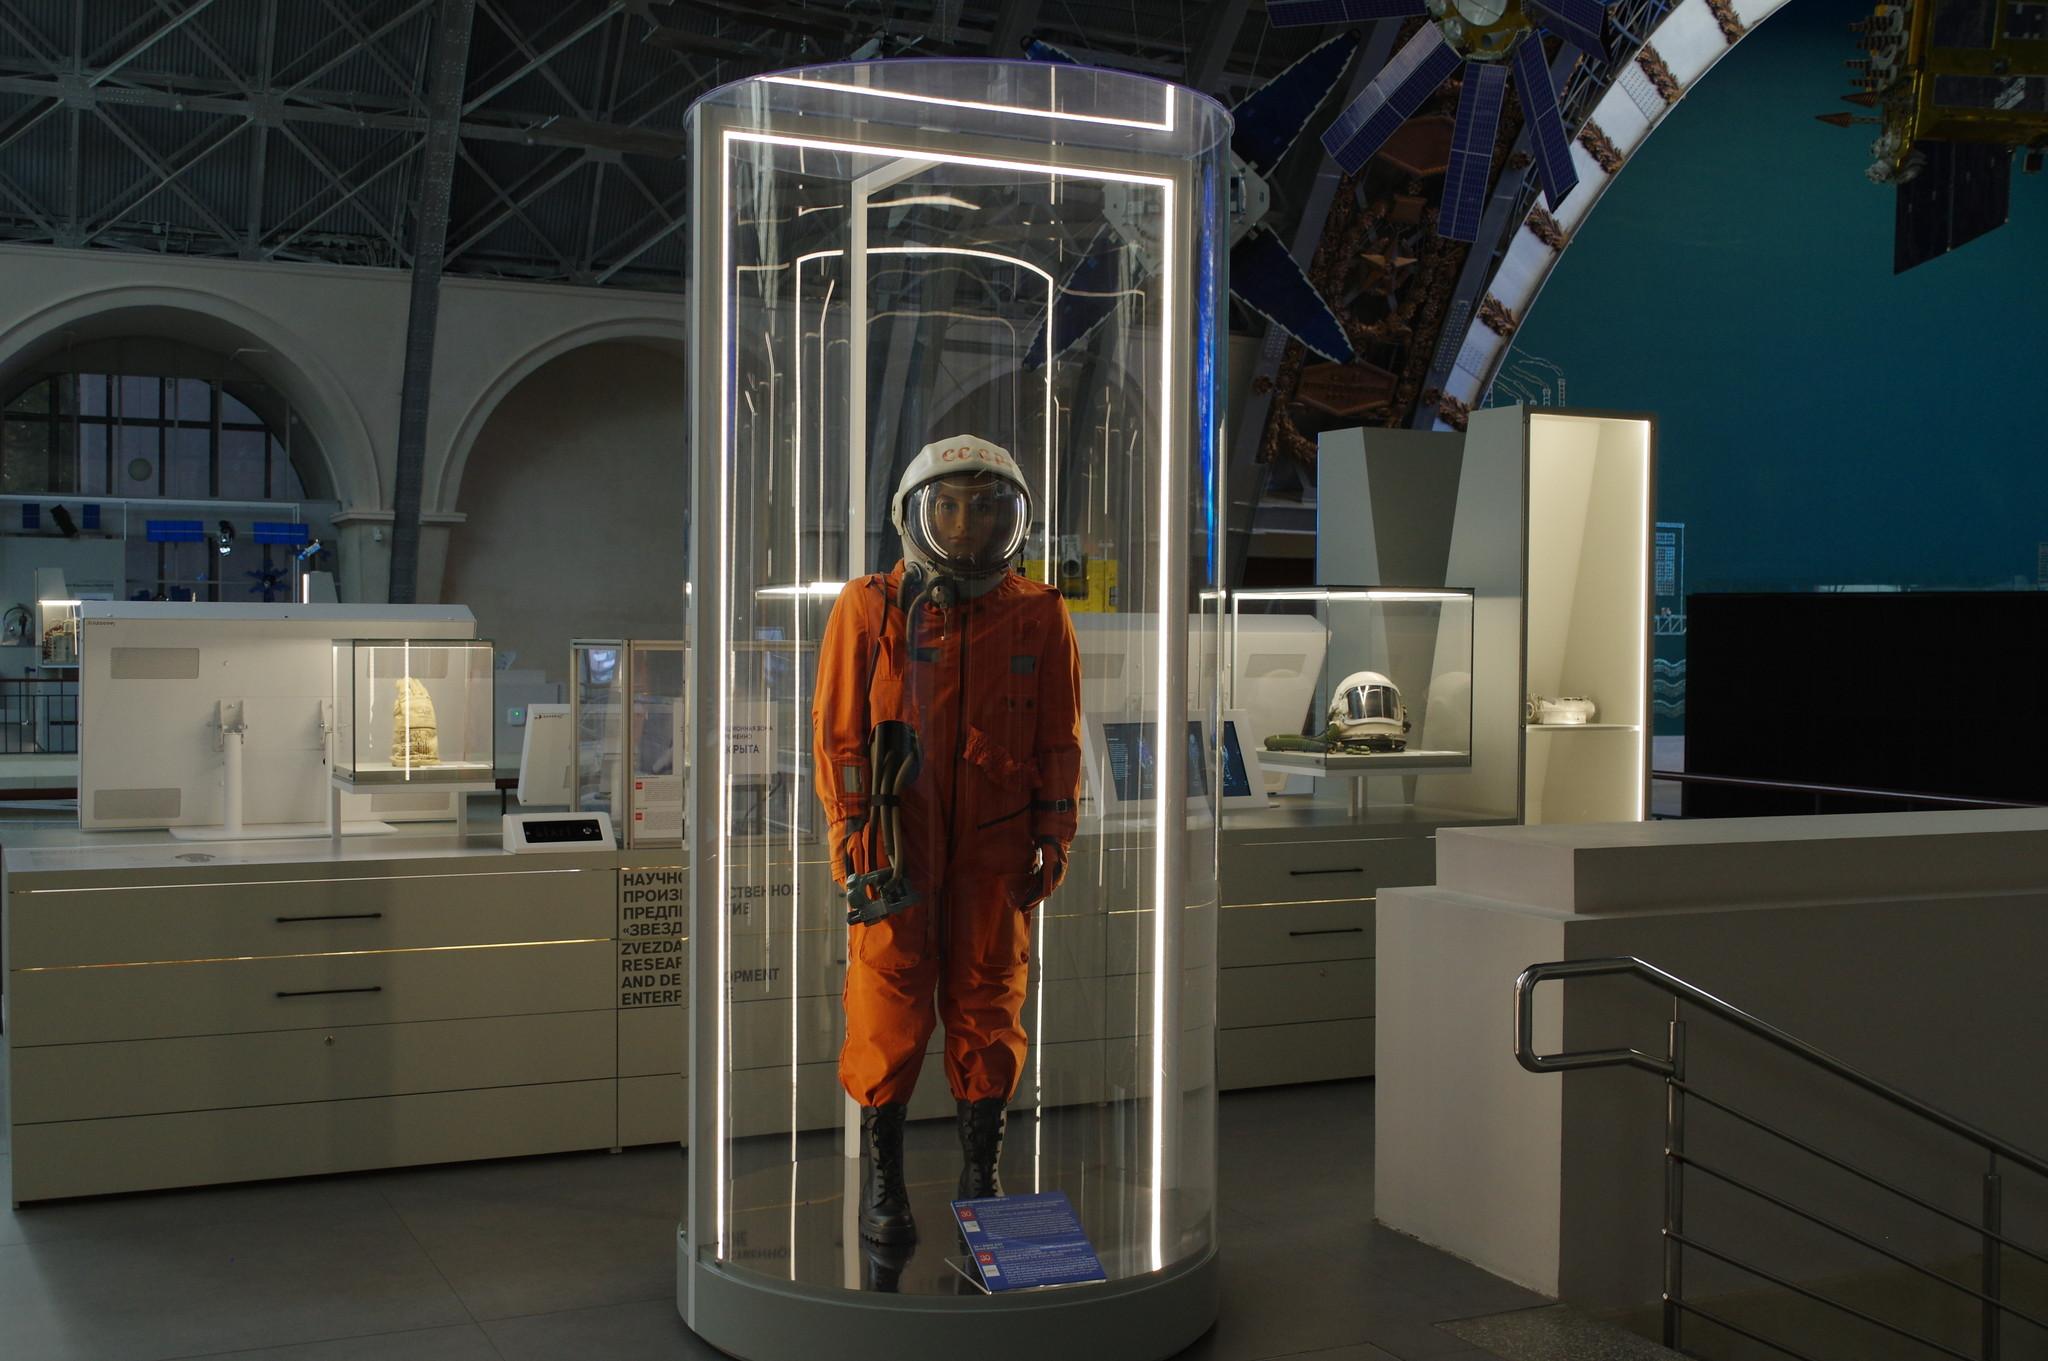 Советский космический скафандр. Центр «Космонавтика и авиация» на ВДНХ